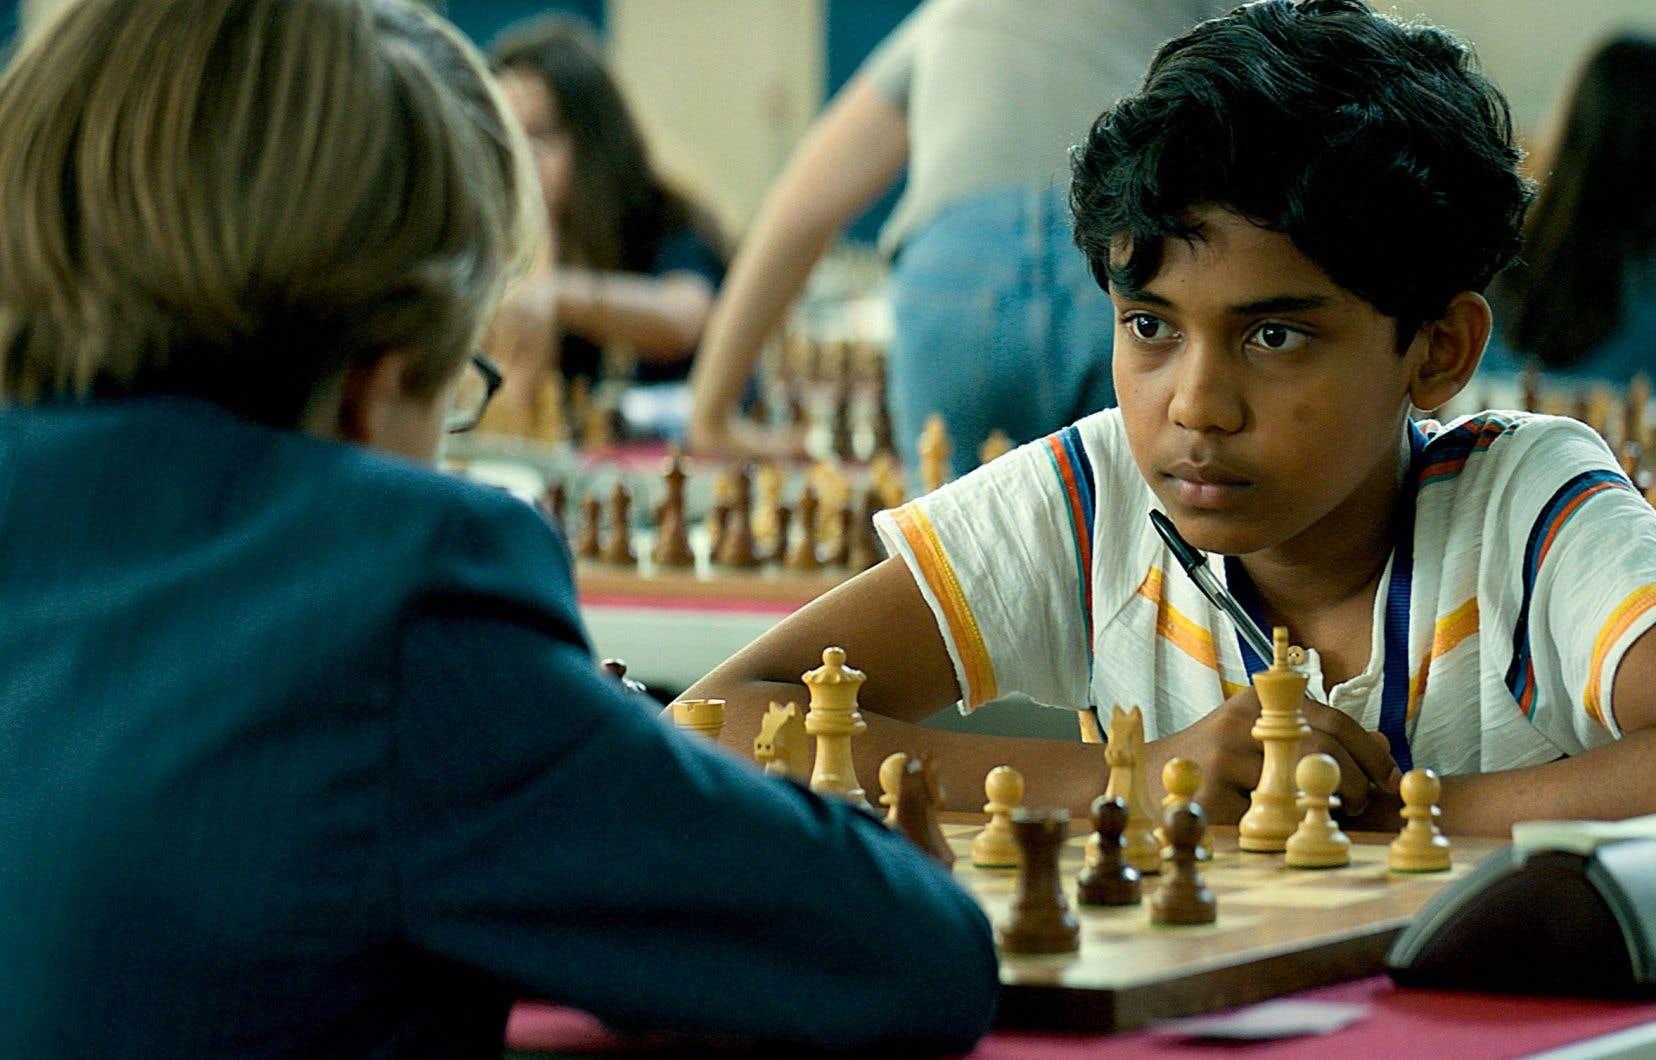 Dans «Fahim», les échecs ne sont qu'un prétexte, l'illustration d'une passion comme armure face à l'intolérance.